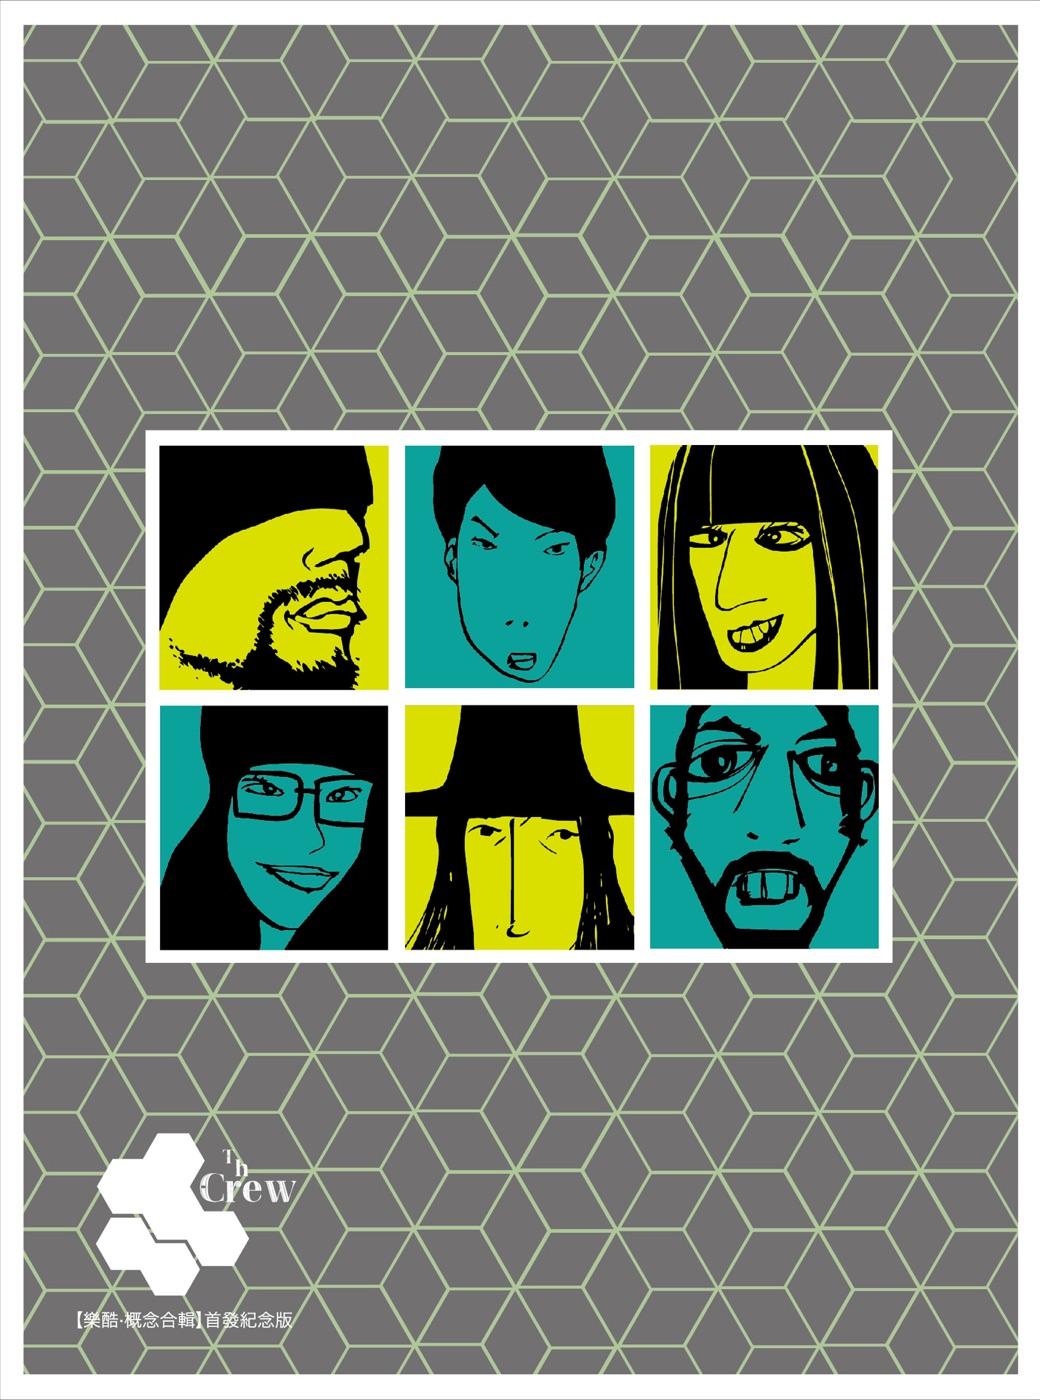 群星 - The Crew 乐酷概念合辑